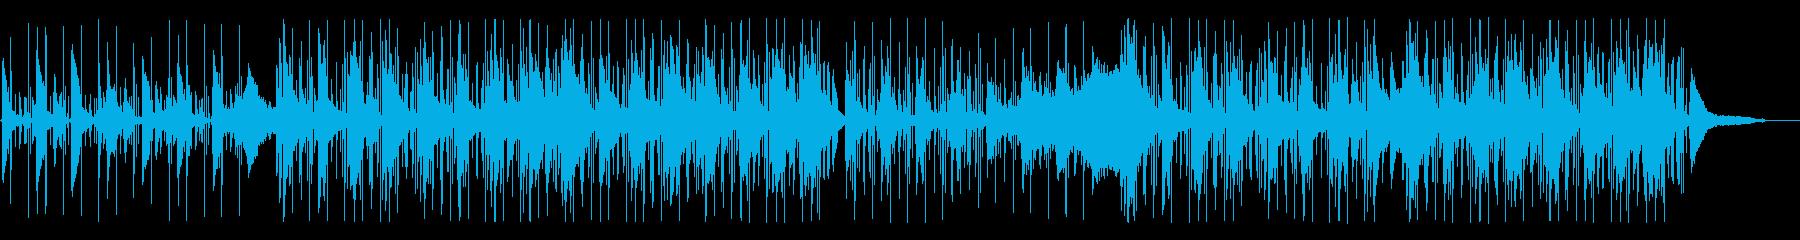 寂しいアンビエント、ヒップホップの再生済みの波形